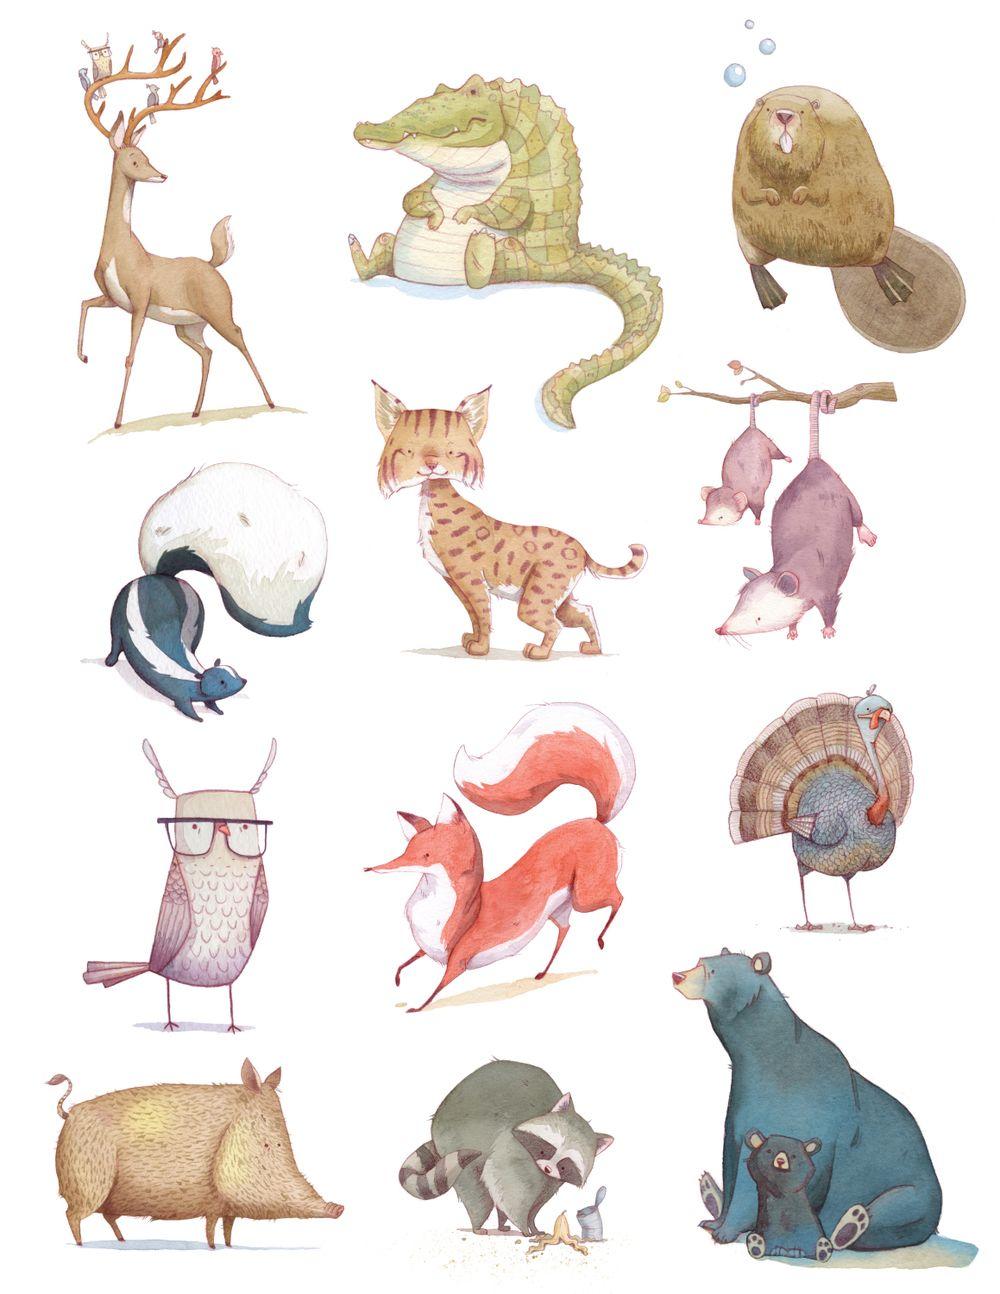 watercolor - illustrations」おしゃれまとめの人気アイデア